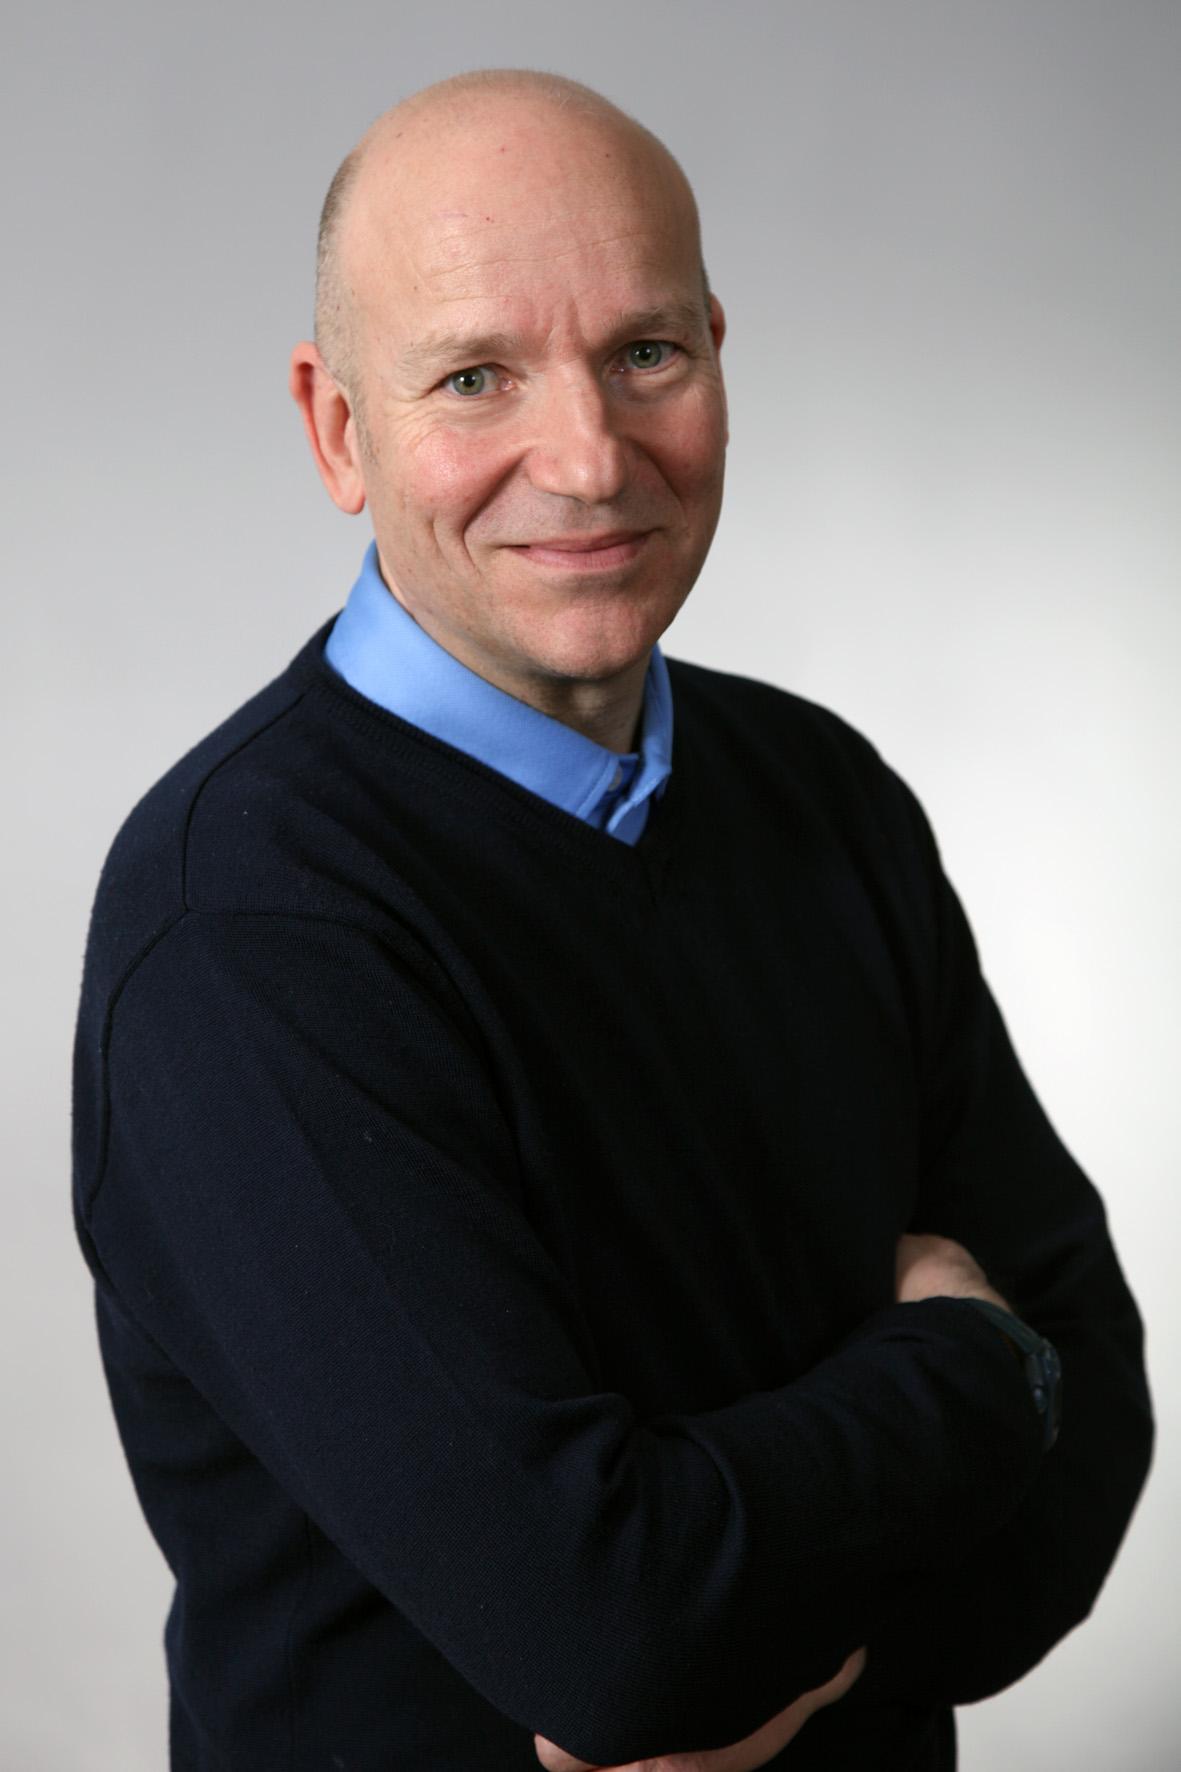 Heikki Pori Lean-ajattelija